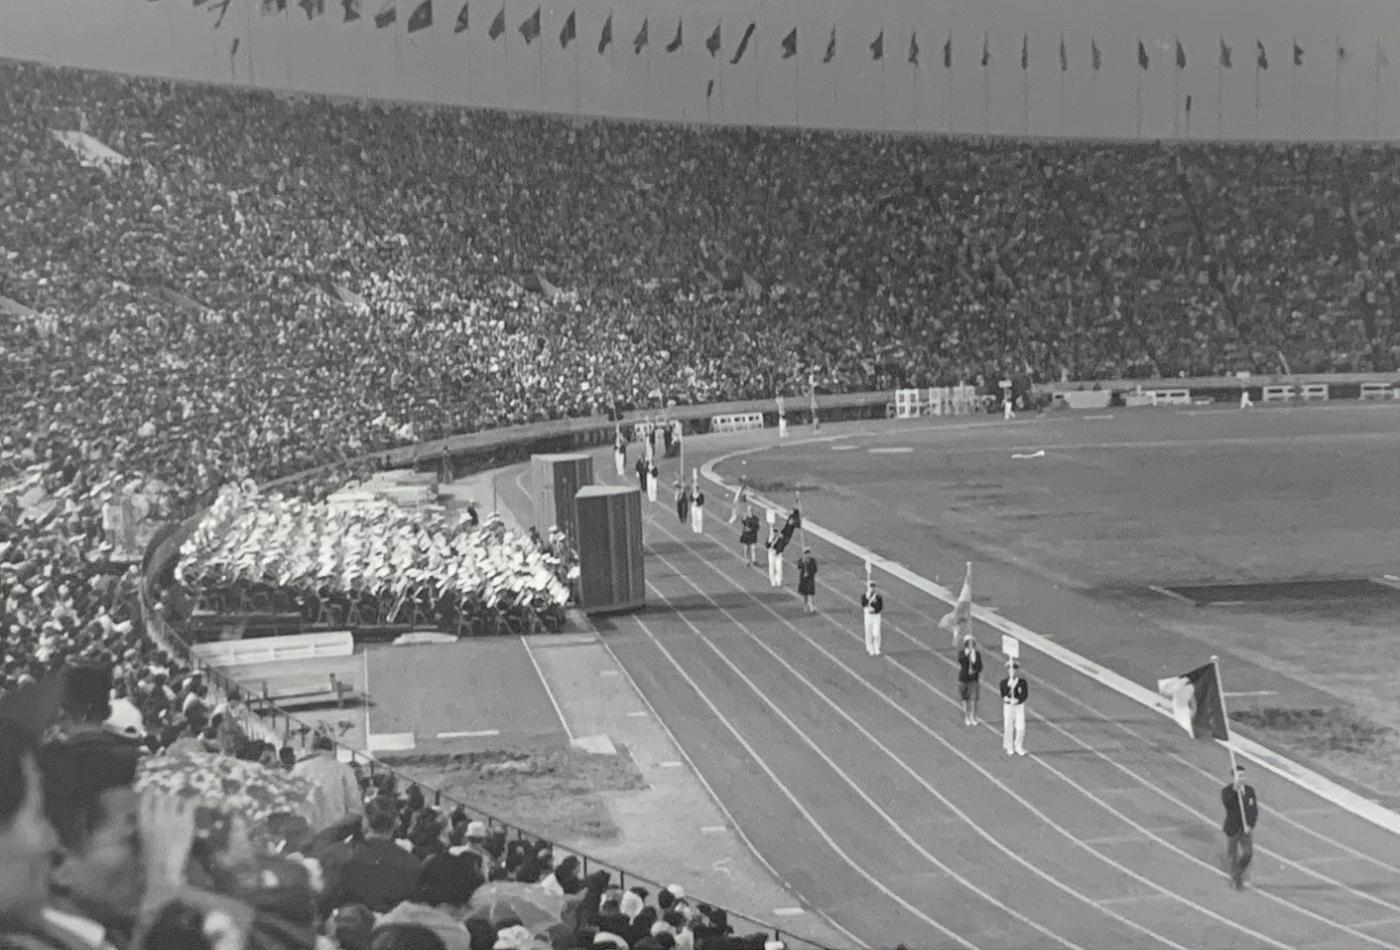 1964年東京オリンピックの閉会式 - Wikipedia